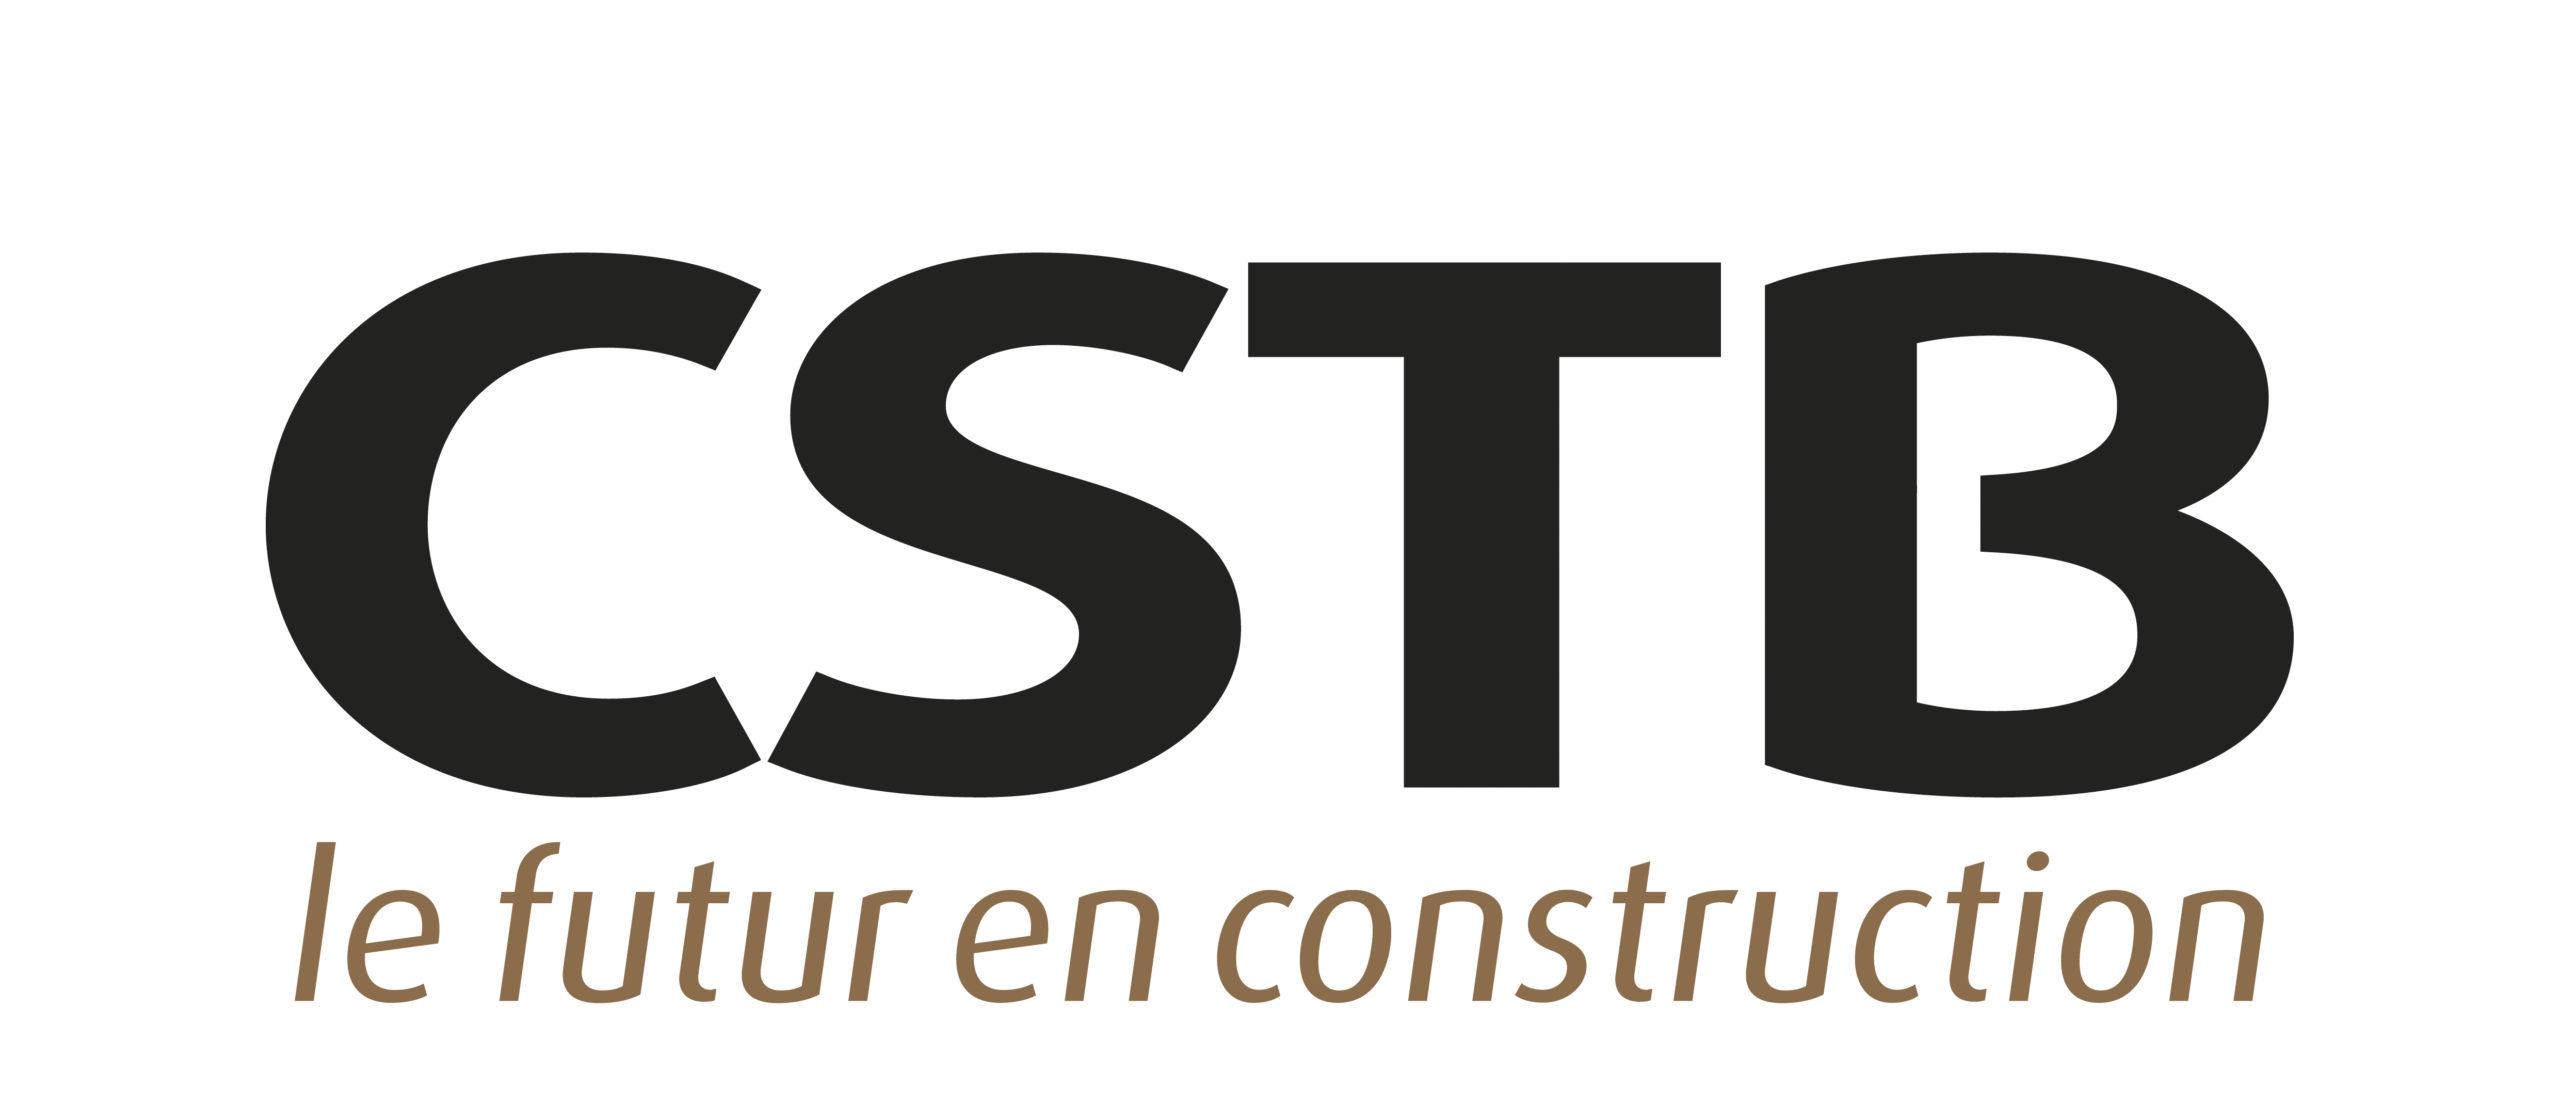 logo-CENTRE SCIENTIFIQUE ET TECHNIQUE DU BÂTIMENT